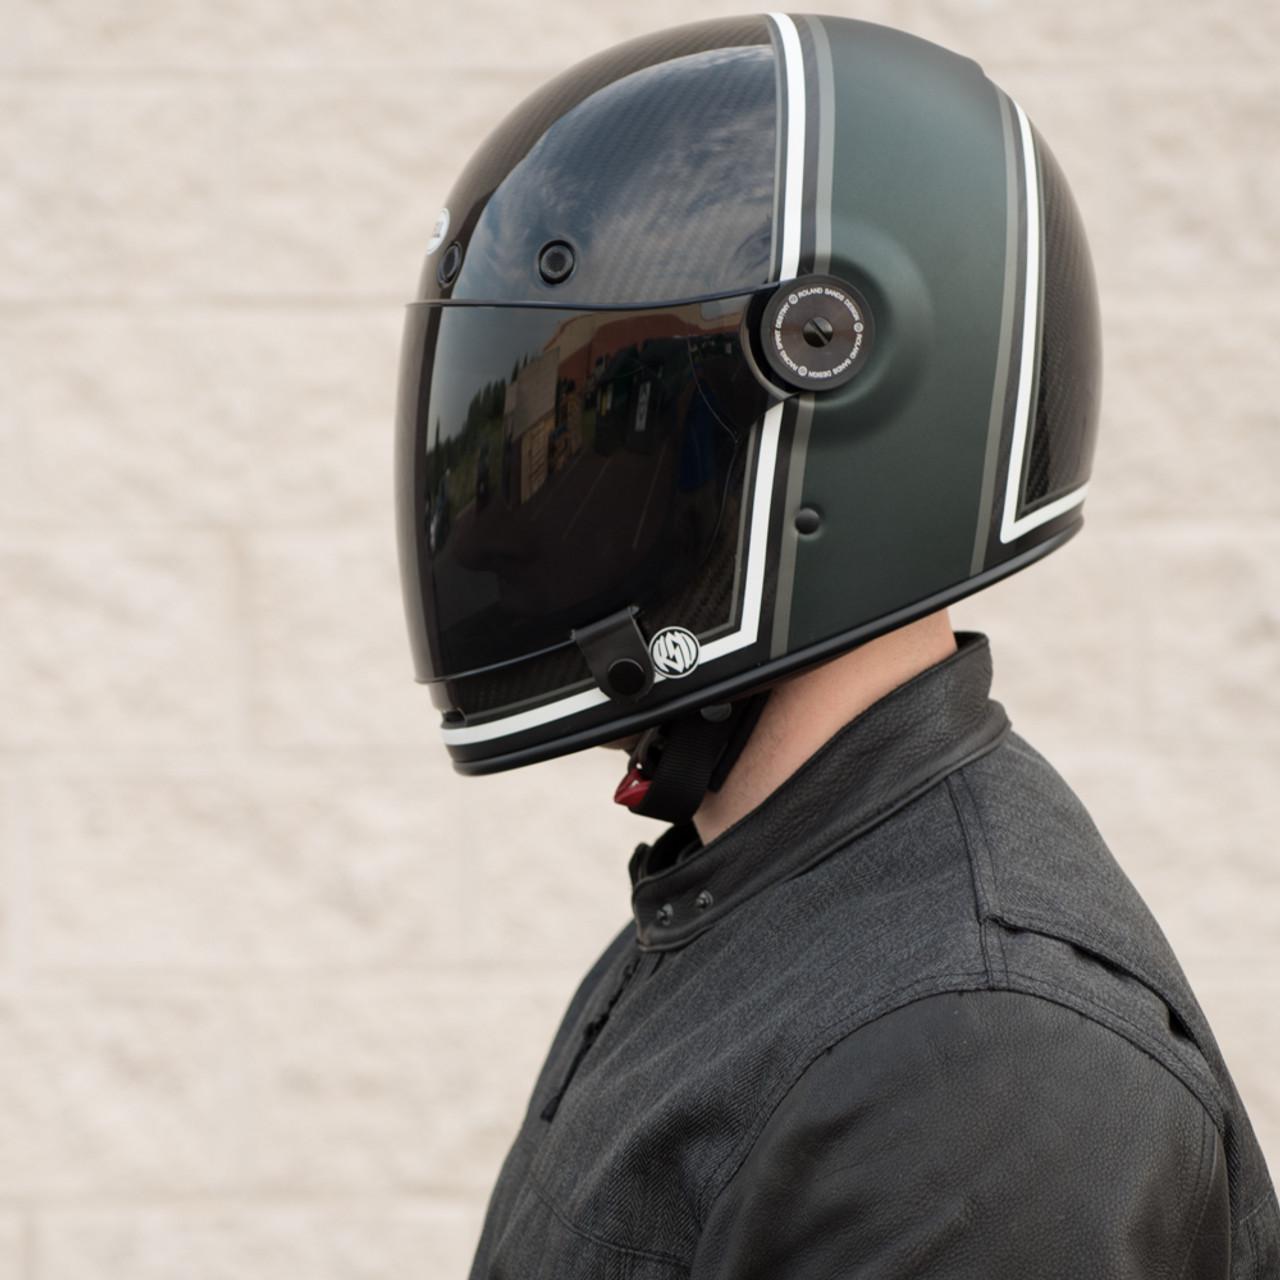 a64ce75e Bell Bullitt RSD Gloss/Matte Green Range Helmet - 7092552 - Get ...